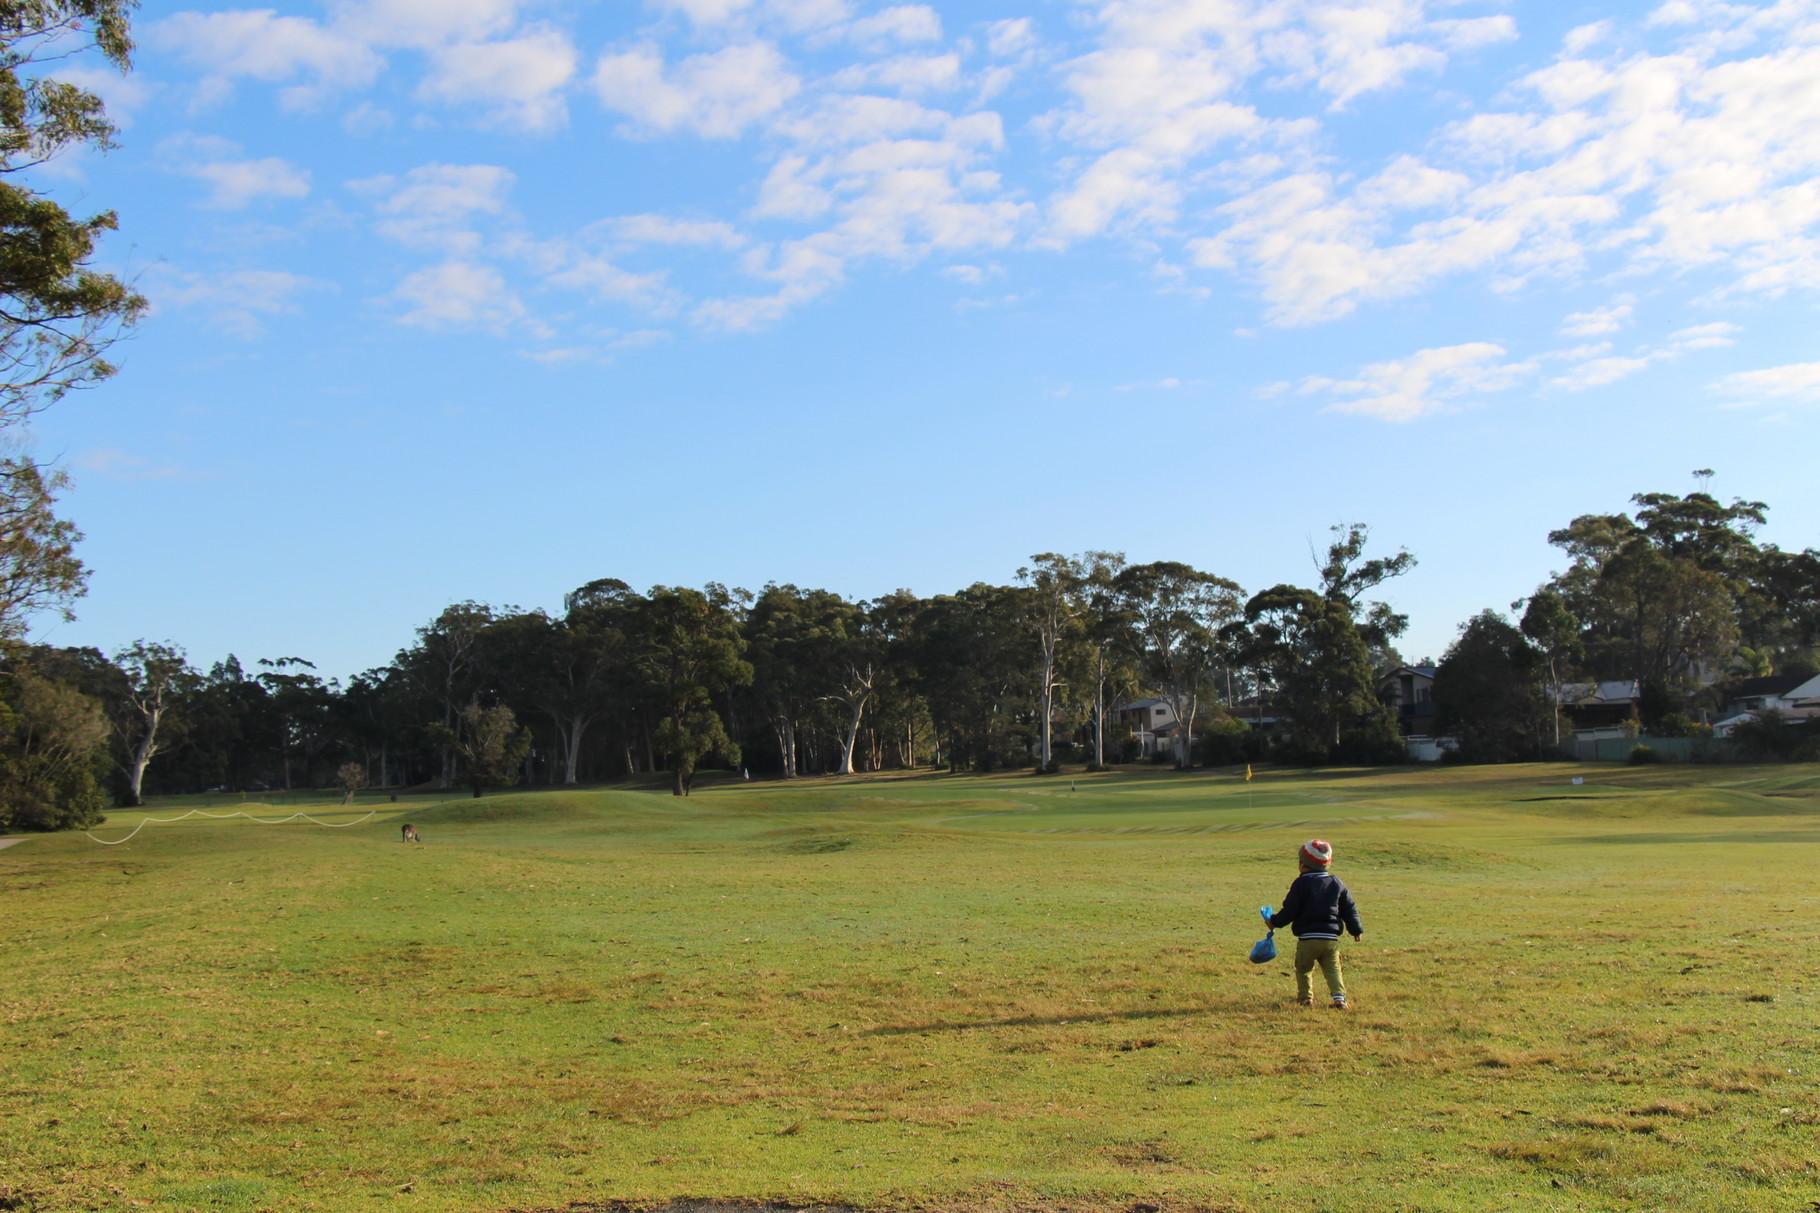 シドニー 広大な自然を満喫